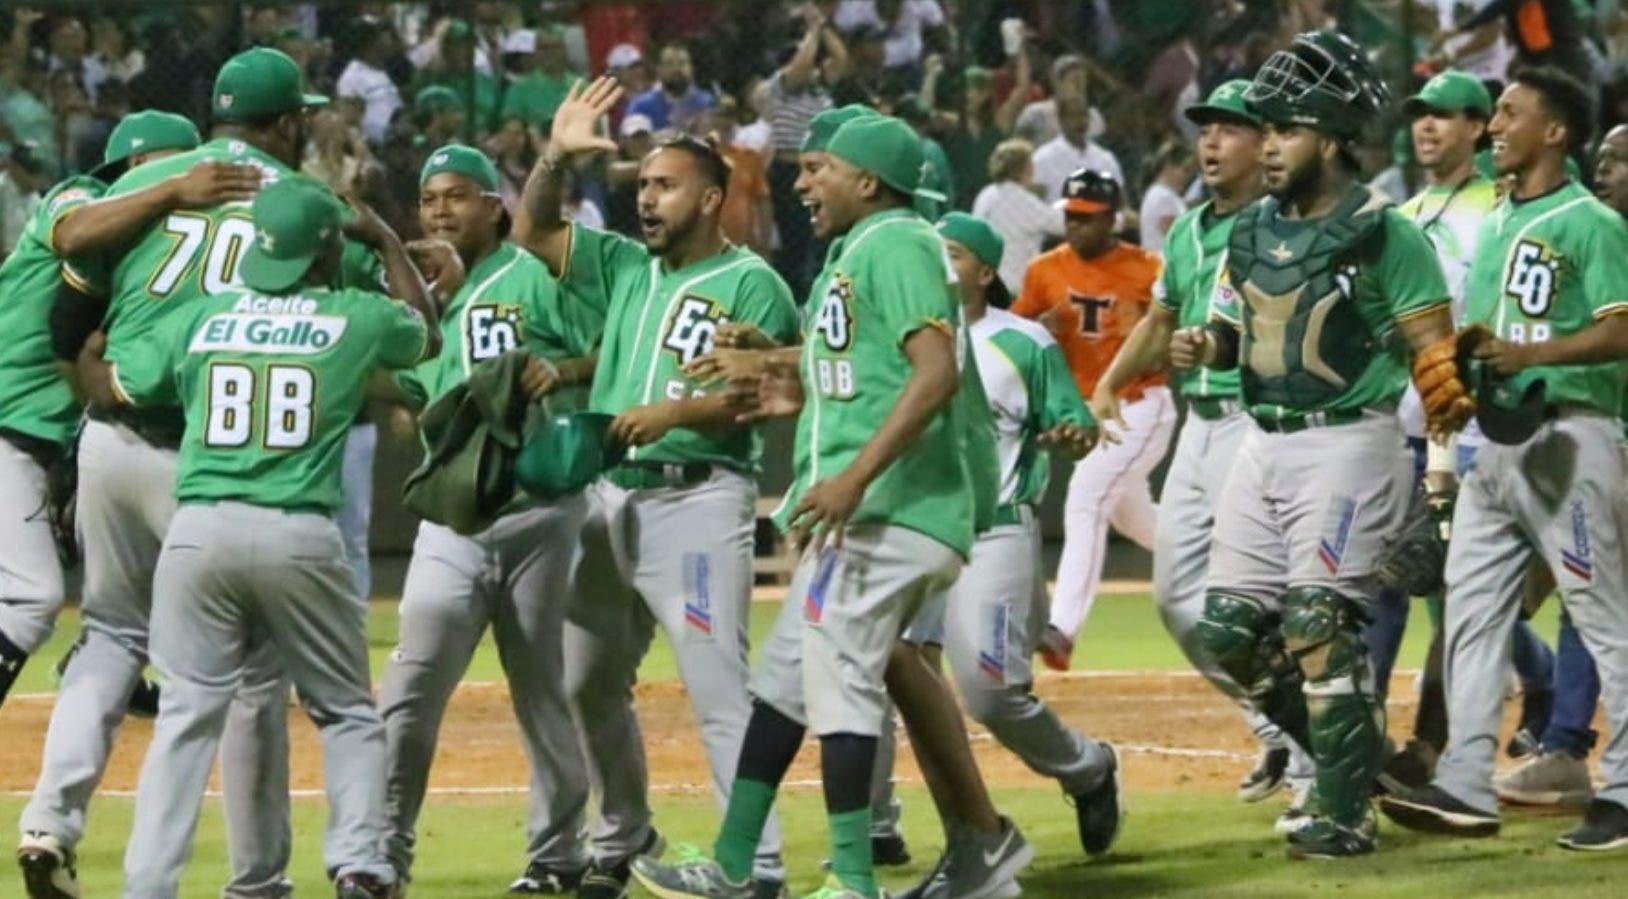 Jugadores de las Estrellas  celebran  el tercer triunfo de la final sobre  los Toros en el Francisco Micheli.  fuente externa